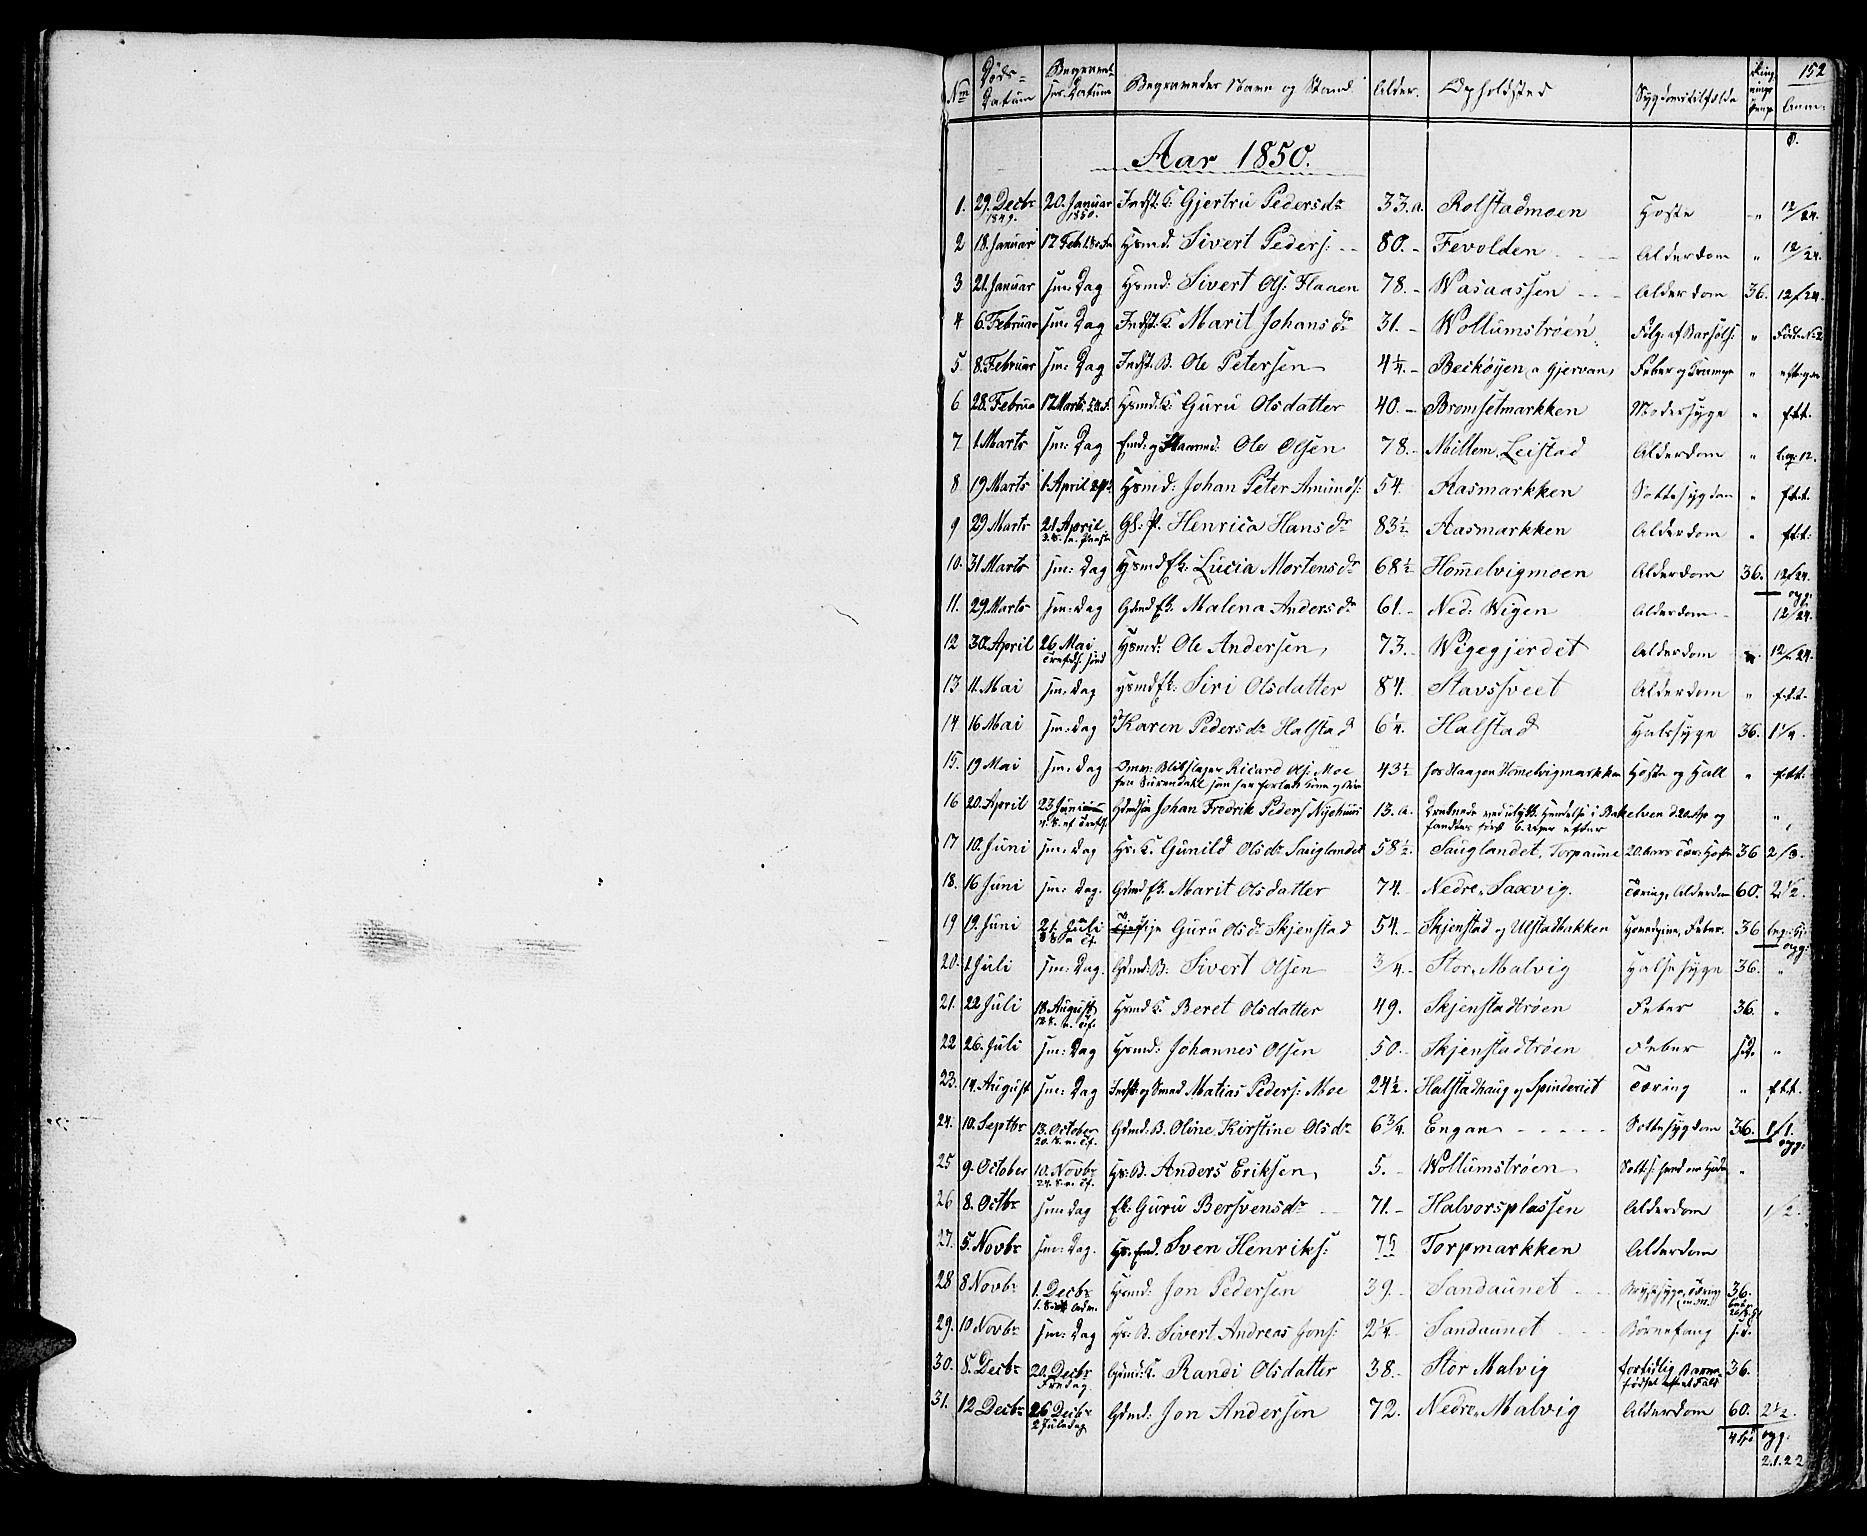 SAT, Ministerialprotokoller, klokkerbøker og fødselsregistre - Sør-Trøndelag, 616/L0422: Klokkerbok nr. 616C05, 1850-1888, s. 152